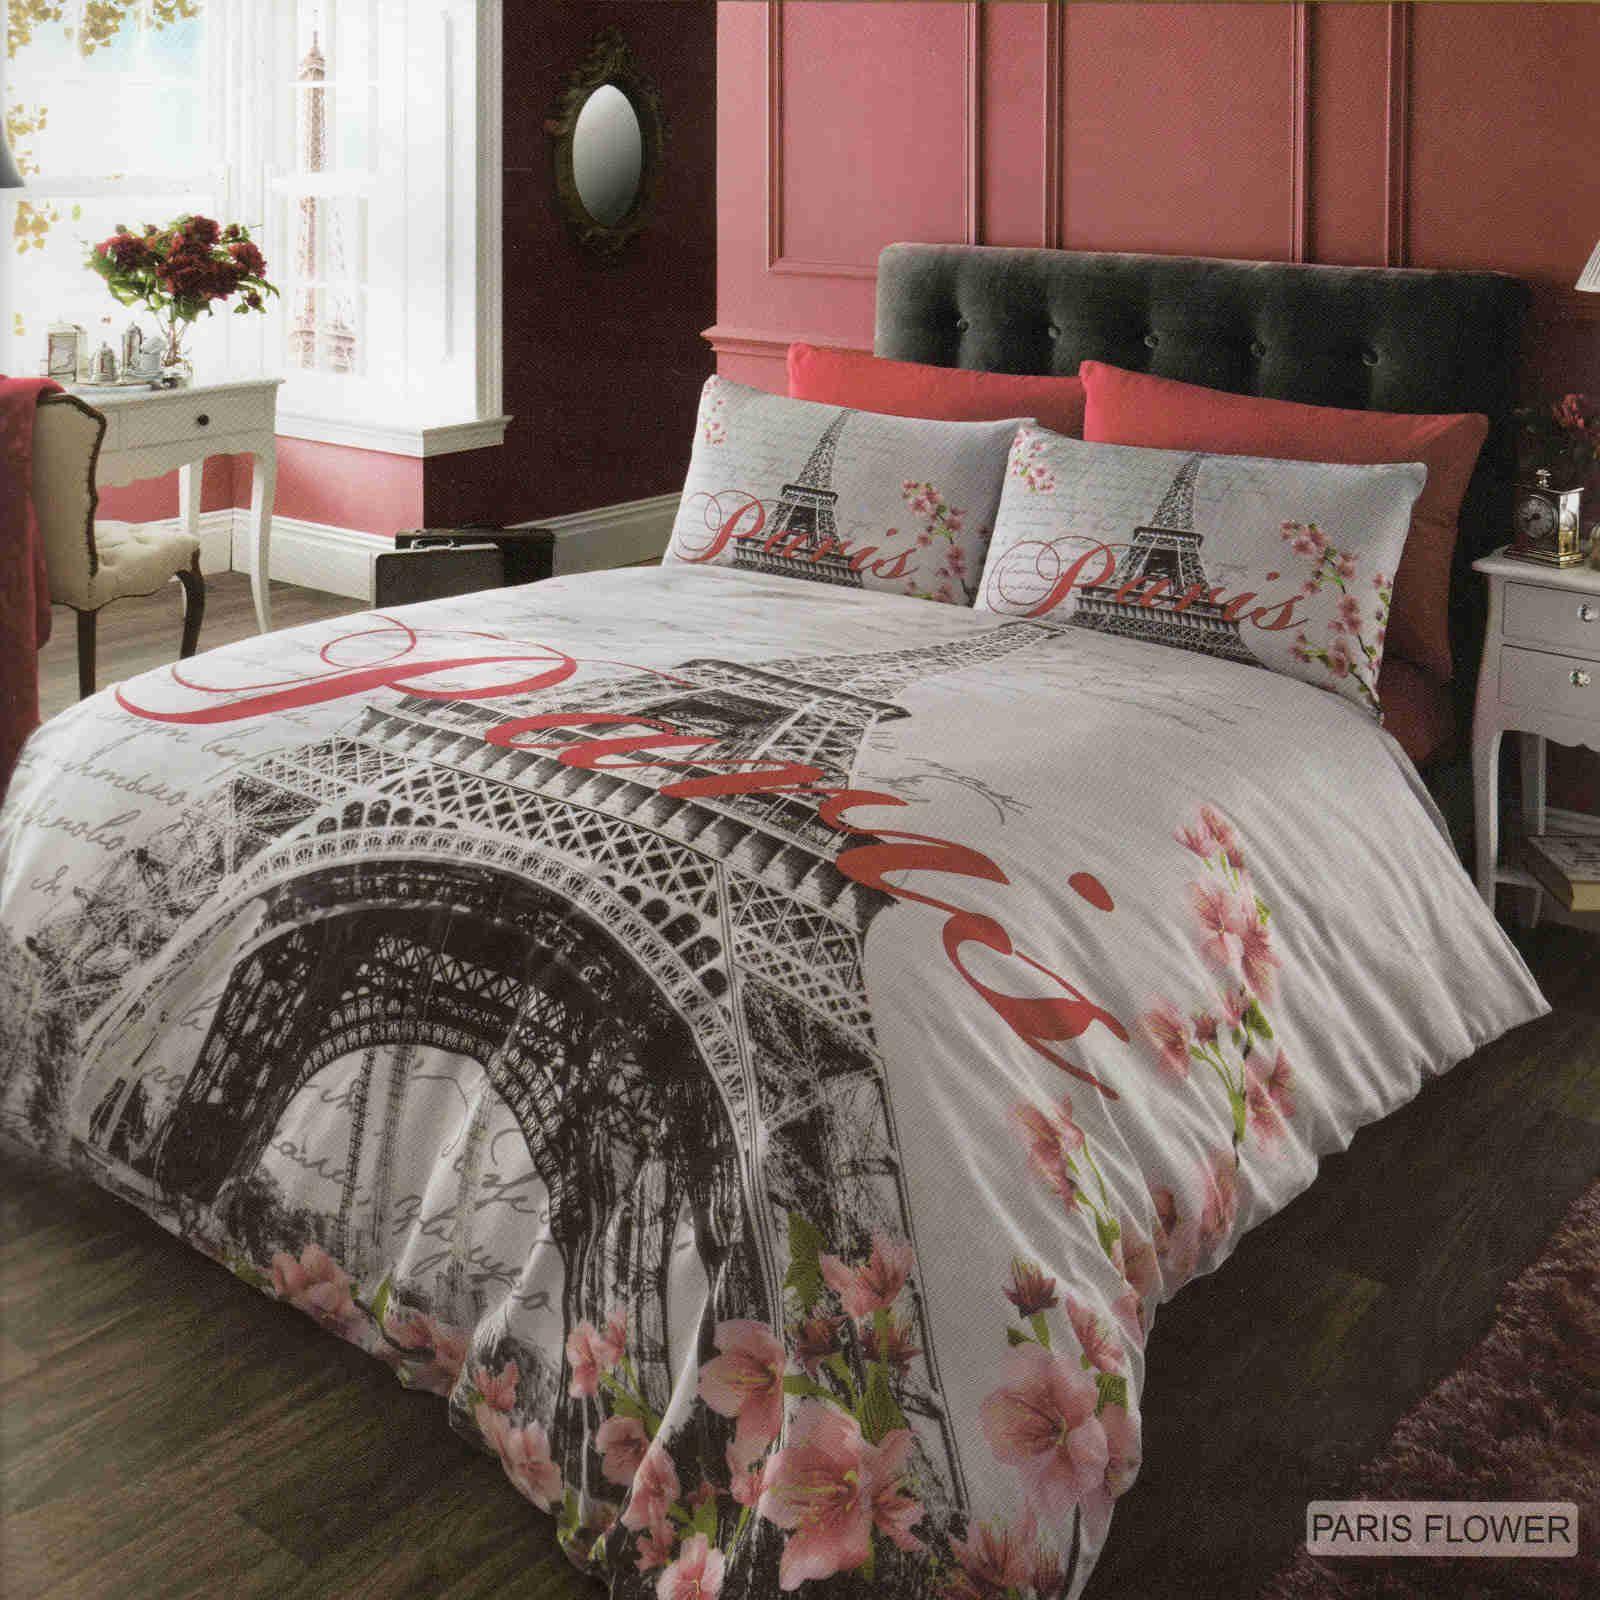 Details about Paris Flower Duvet Cover Quilt Cover Bedding